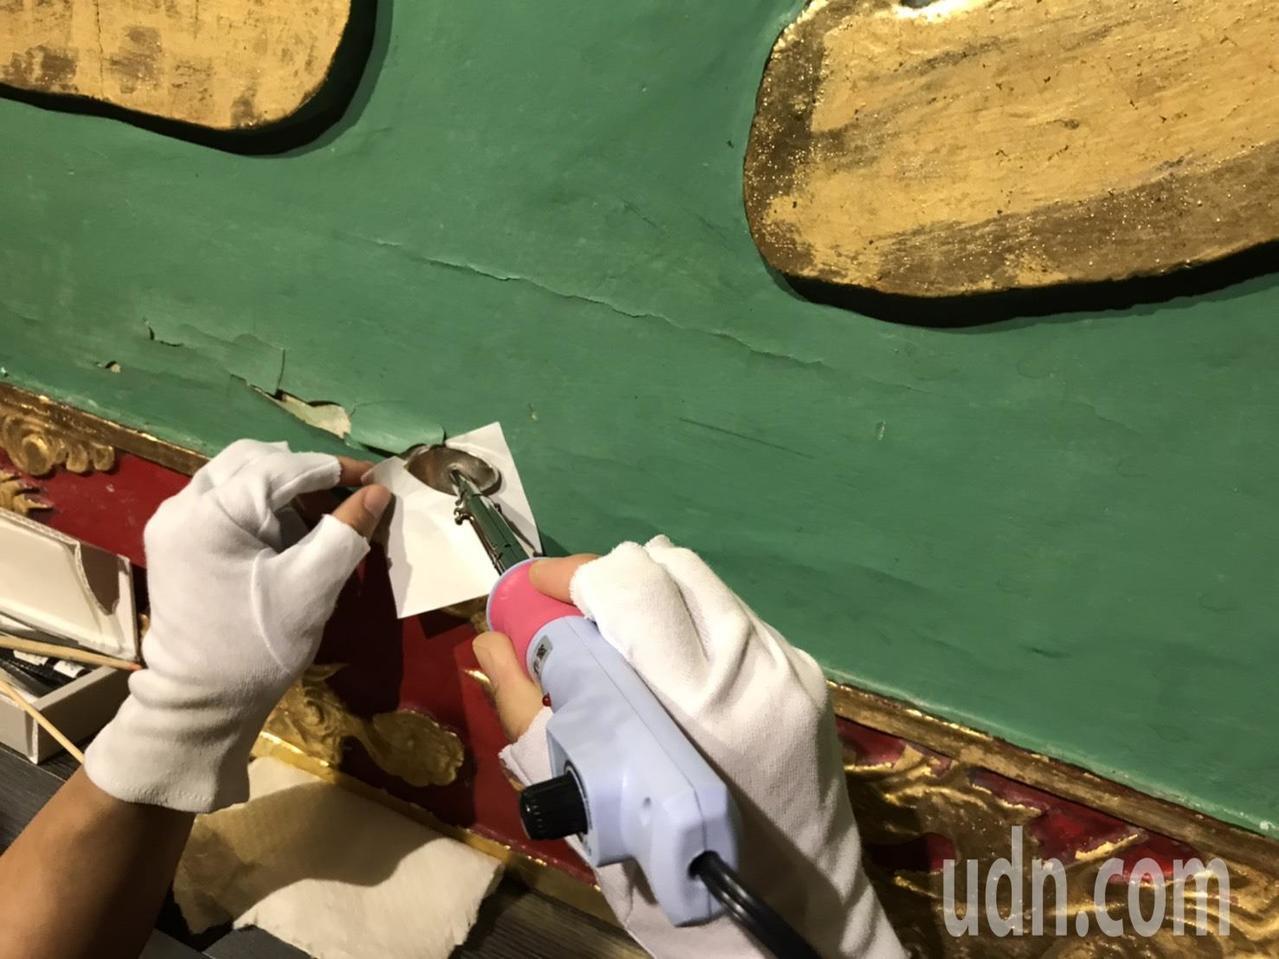 台南孔廟八方御匾目前正在修復當中,開放參觀。圖/文資處提供